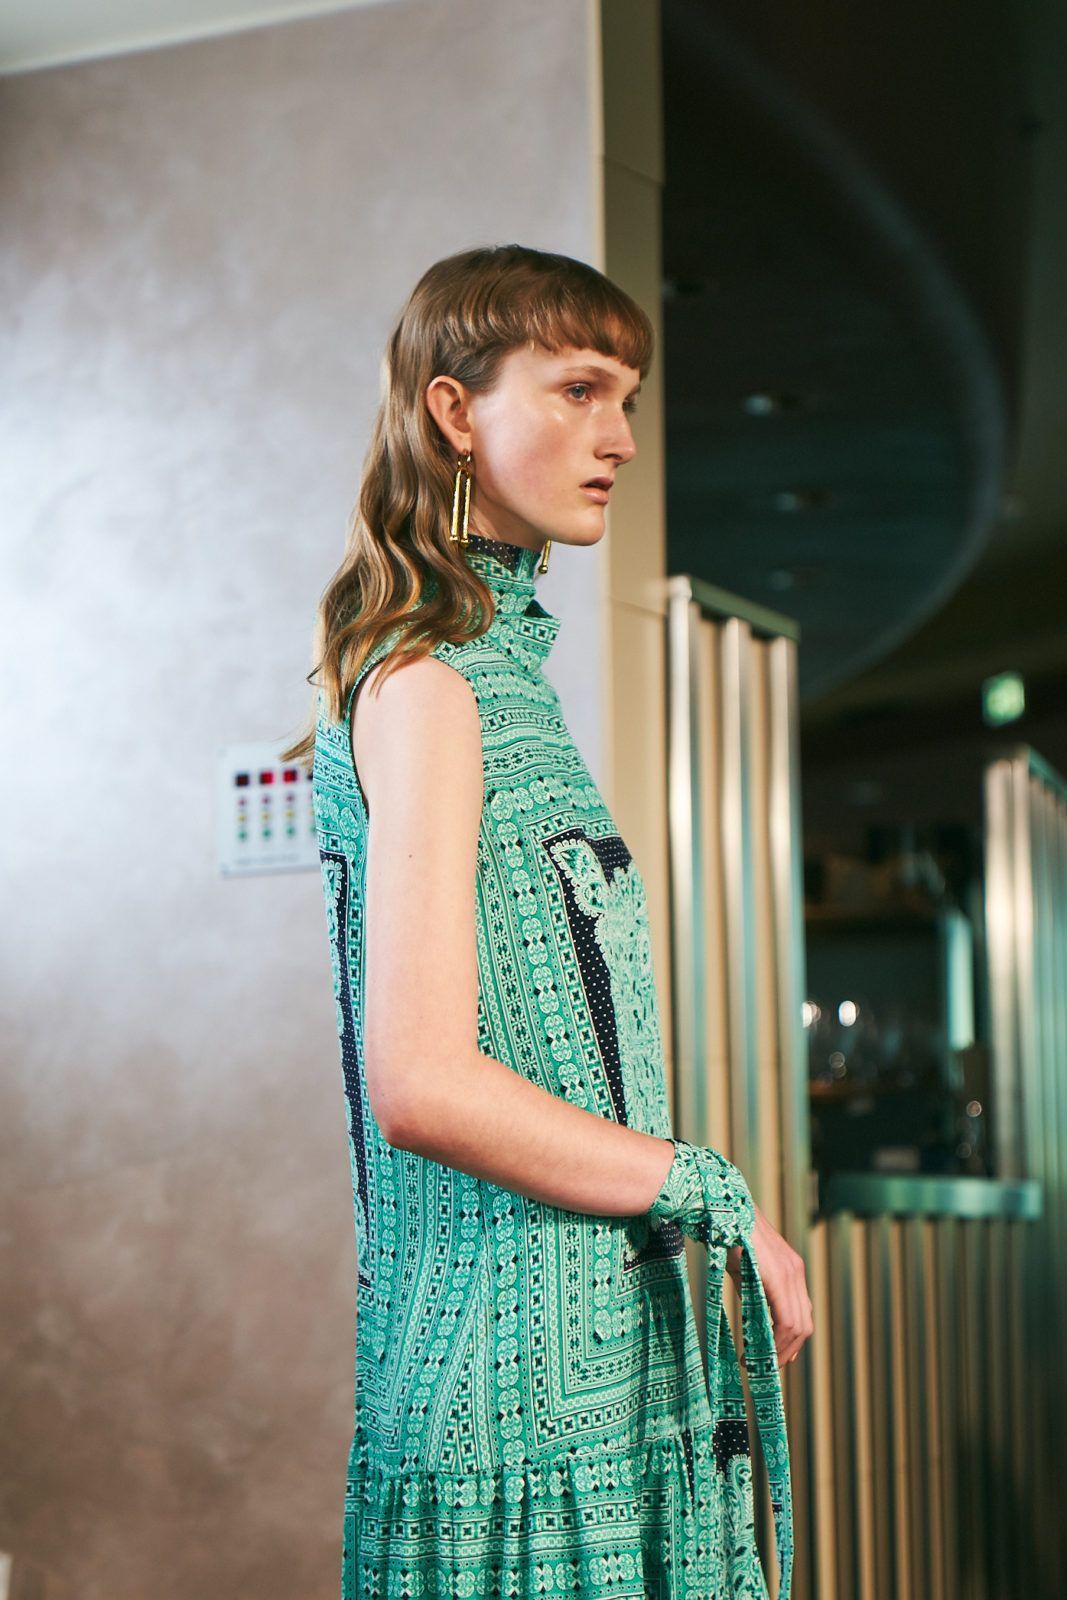 Highlights Der Berliner Fashion Week Aw 20 21 William Fan Lou De Betoly Odeeh In 2020 Modestil Fashion Week Berlin Mode